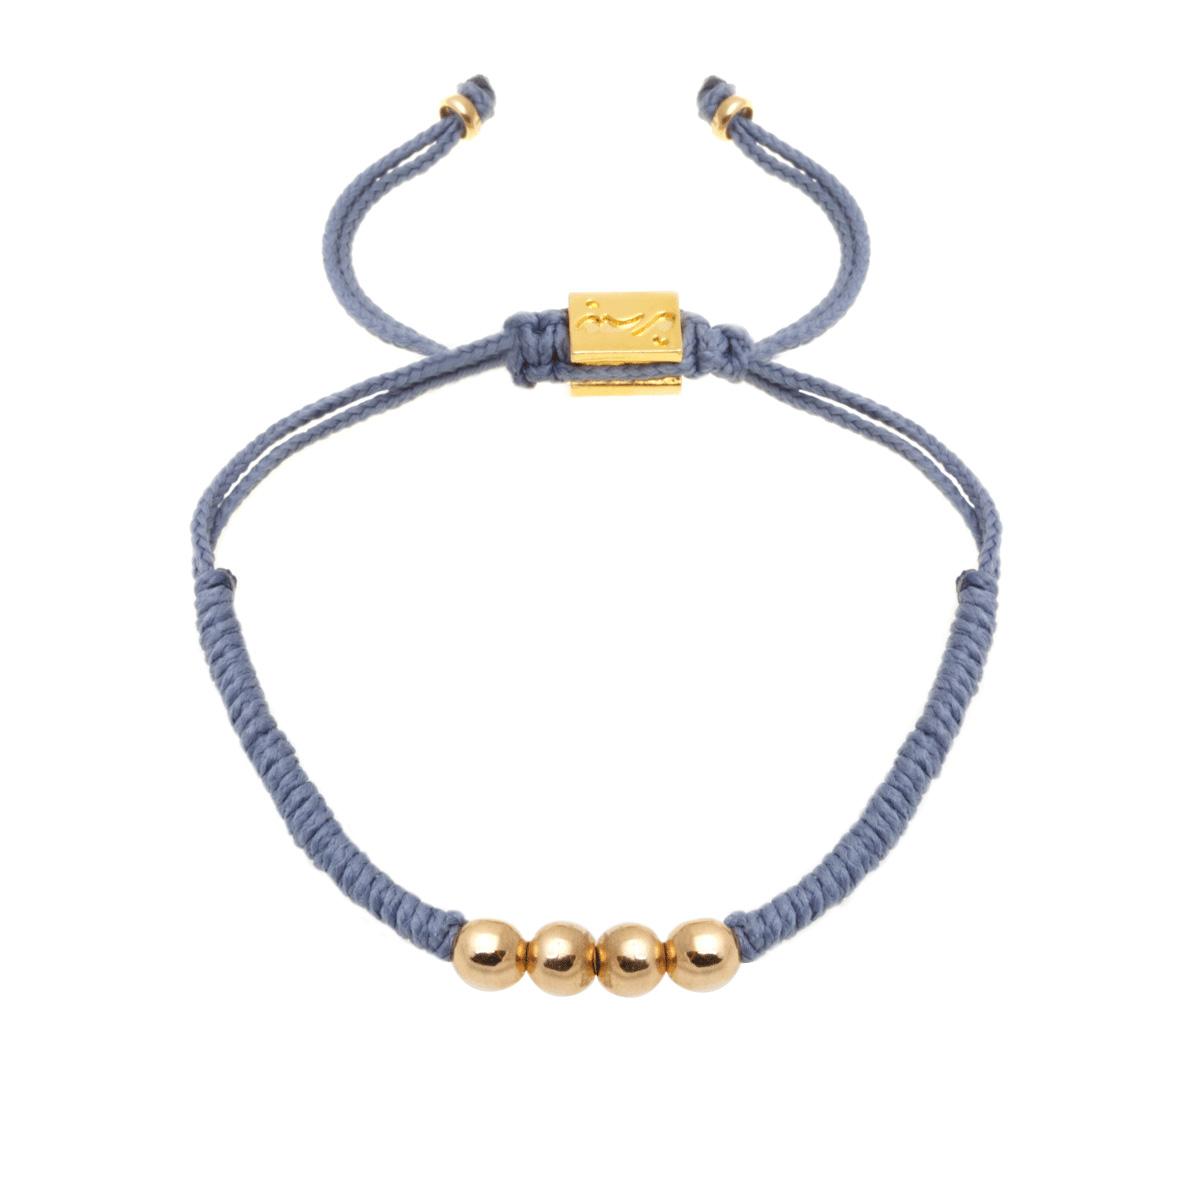 دستبند طلا بافت طوسی چهار گوی